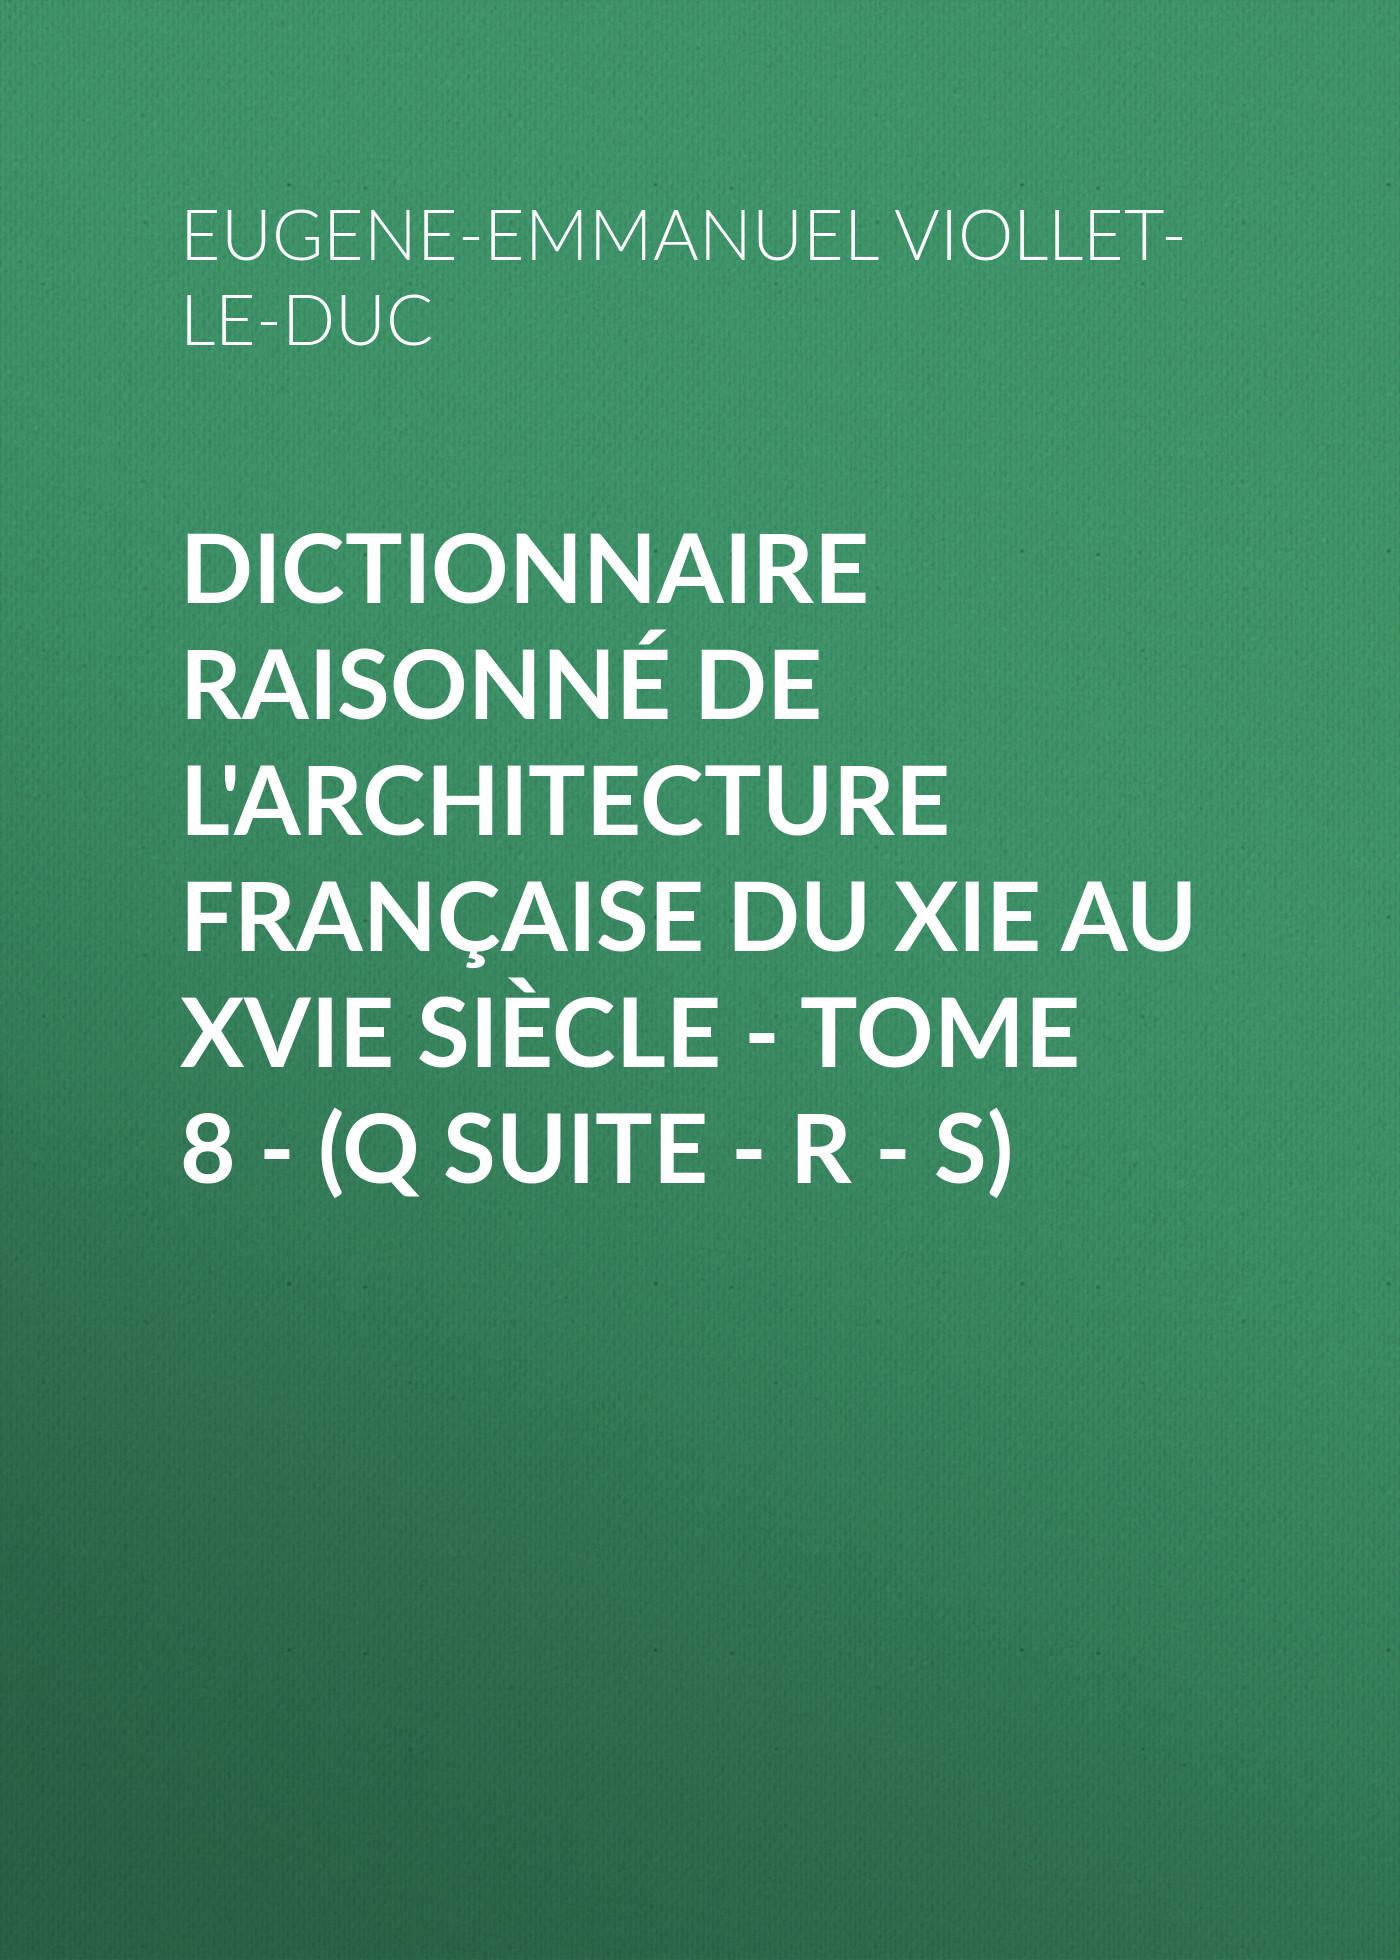 Eugene-Emmanuel Viollet-le-Duc Dictionnaire raisonné de l'architecture française du XIe au XVIe siècle - Tome 8 - (Q suite - R - S) eugène emmanuel viollet le duc la cite de carcassonne aude french edition